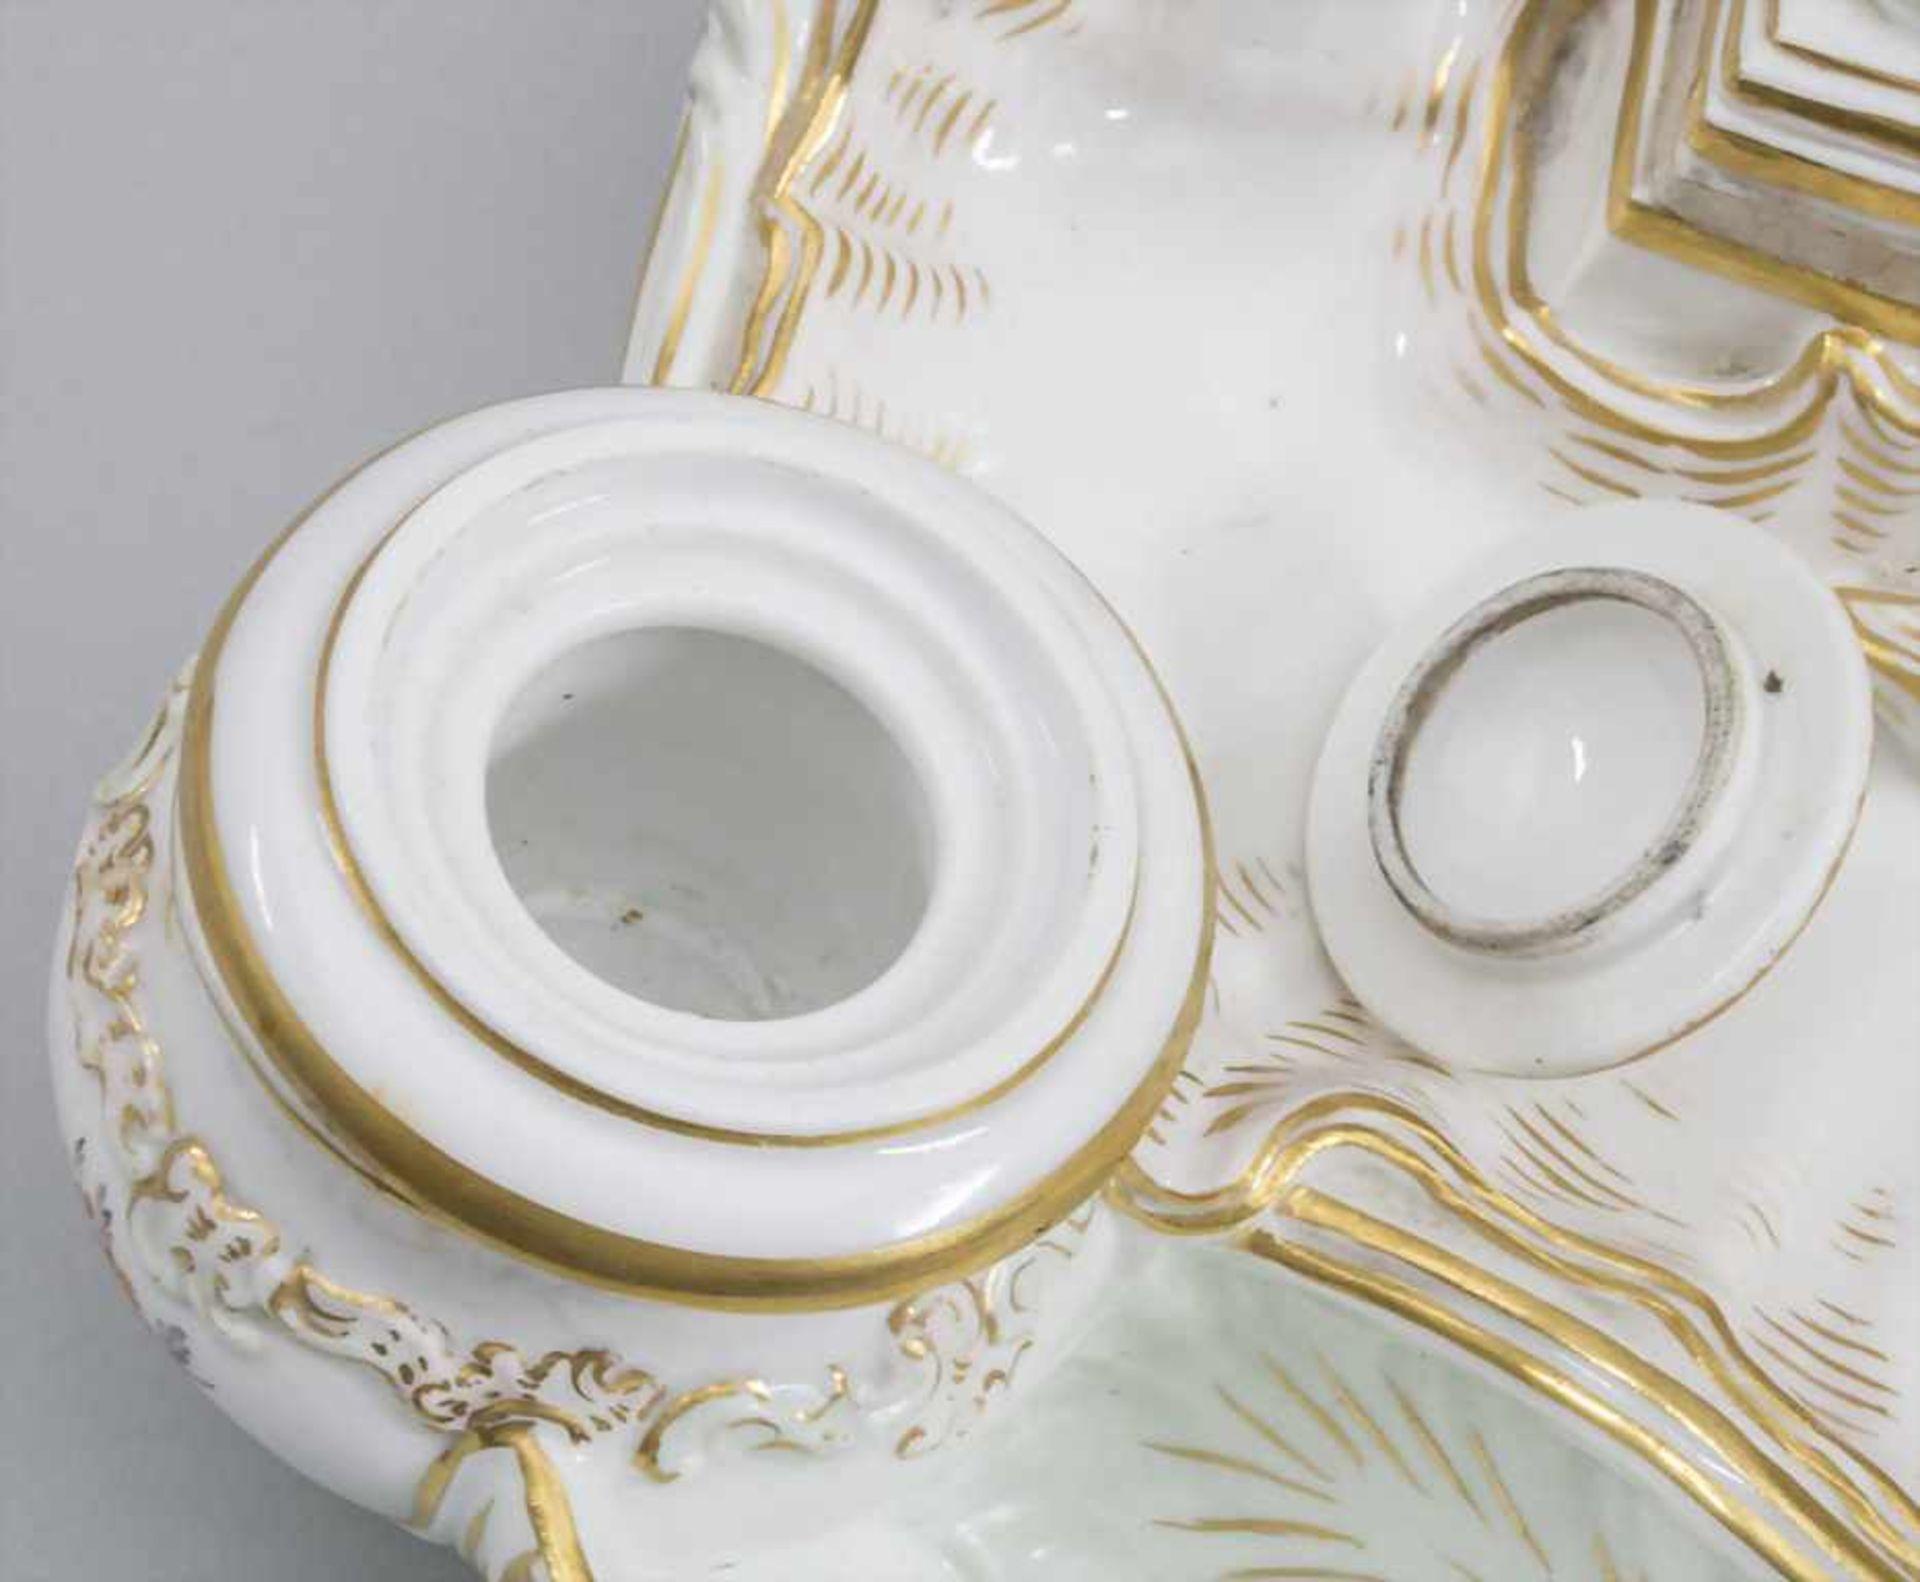 Seltene Tischuhr mit integriertem Schreibset / A rare porcelain table clock with integrated - Bild 9 aus 16